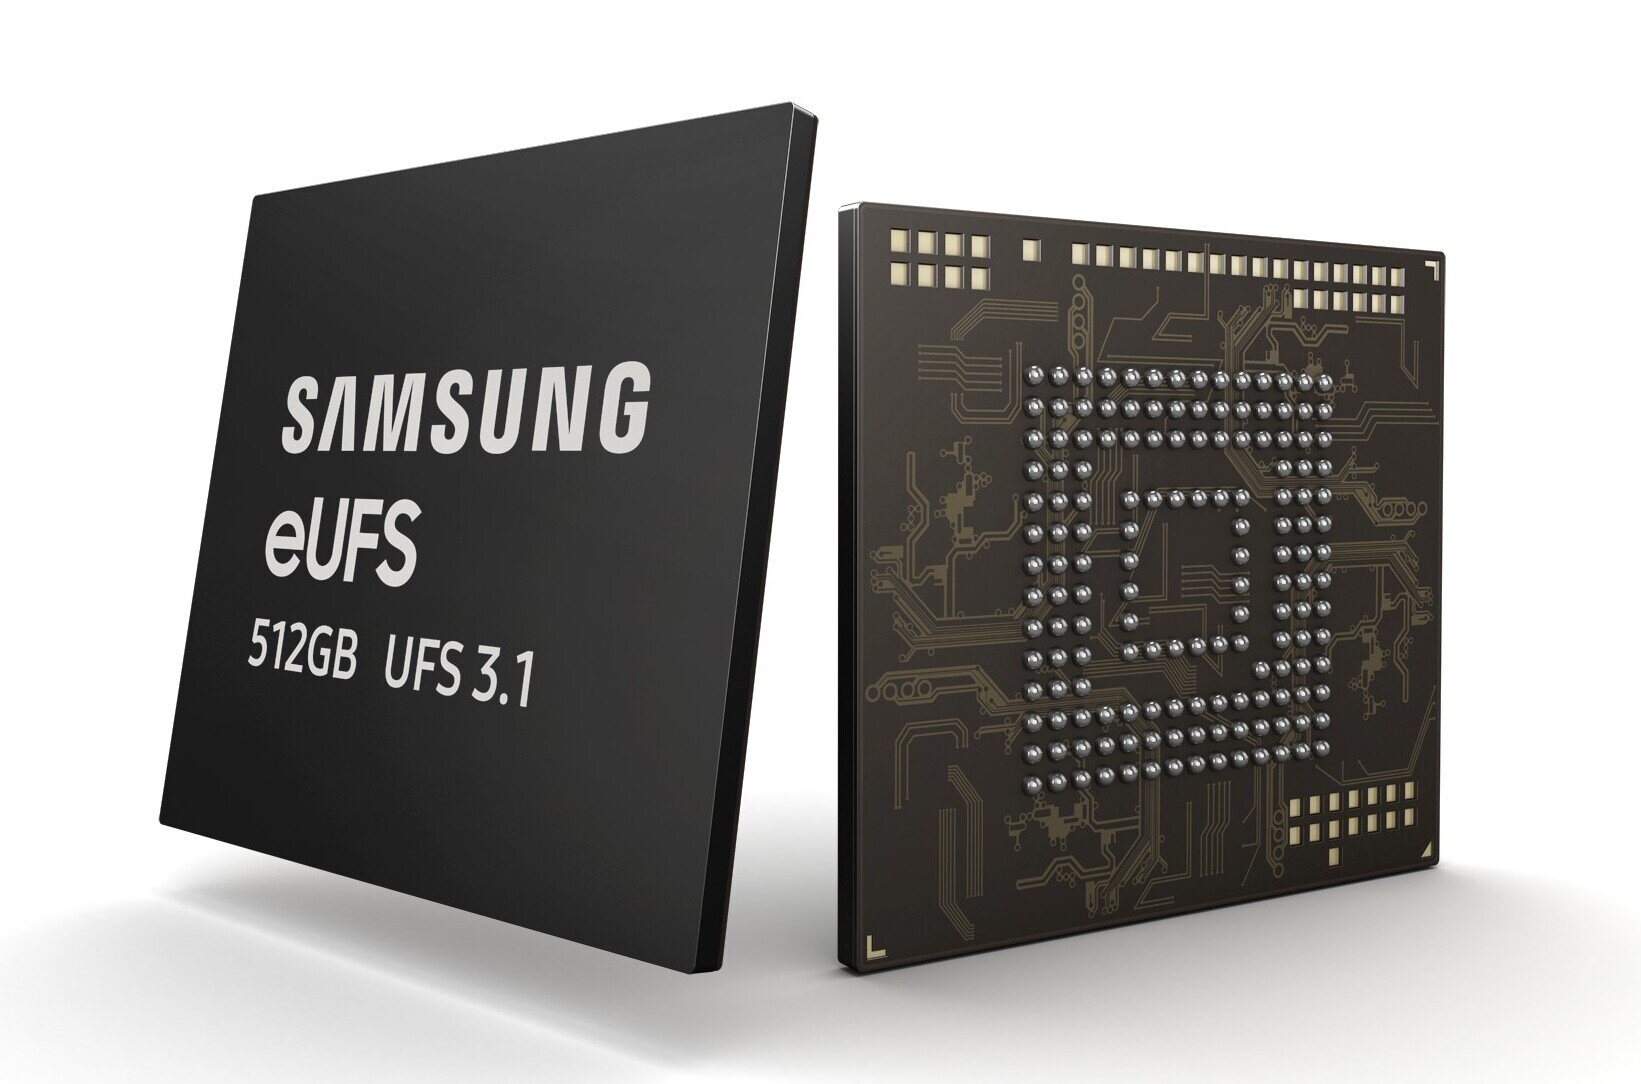 Samsung produit en masse de puces eUFS 3.1 de 512 Go : 1,2 Go/s en écriture et 100 000 IOPS